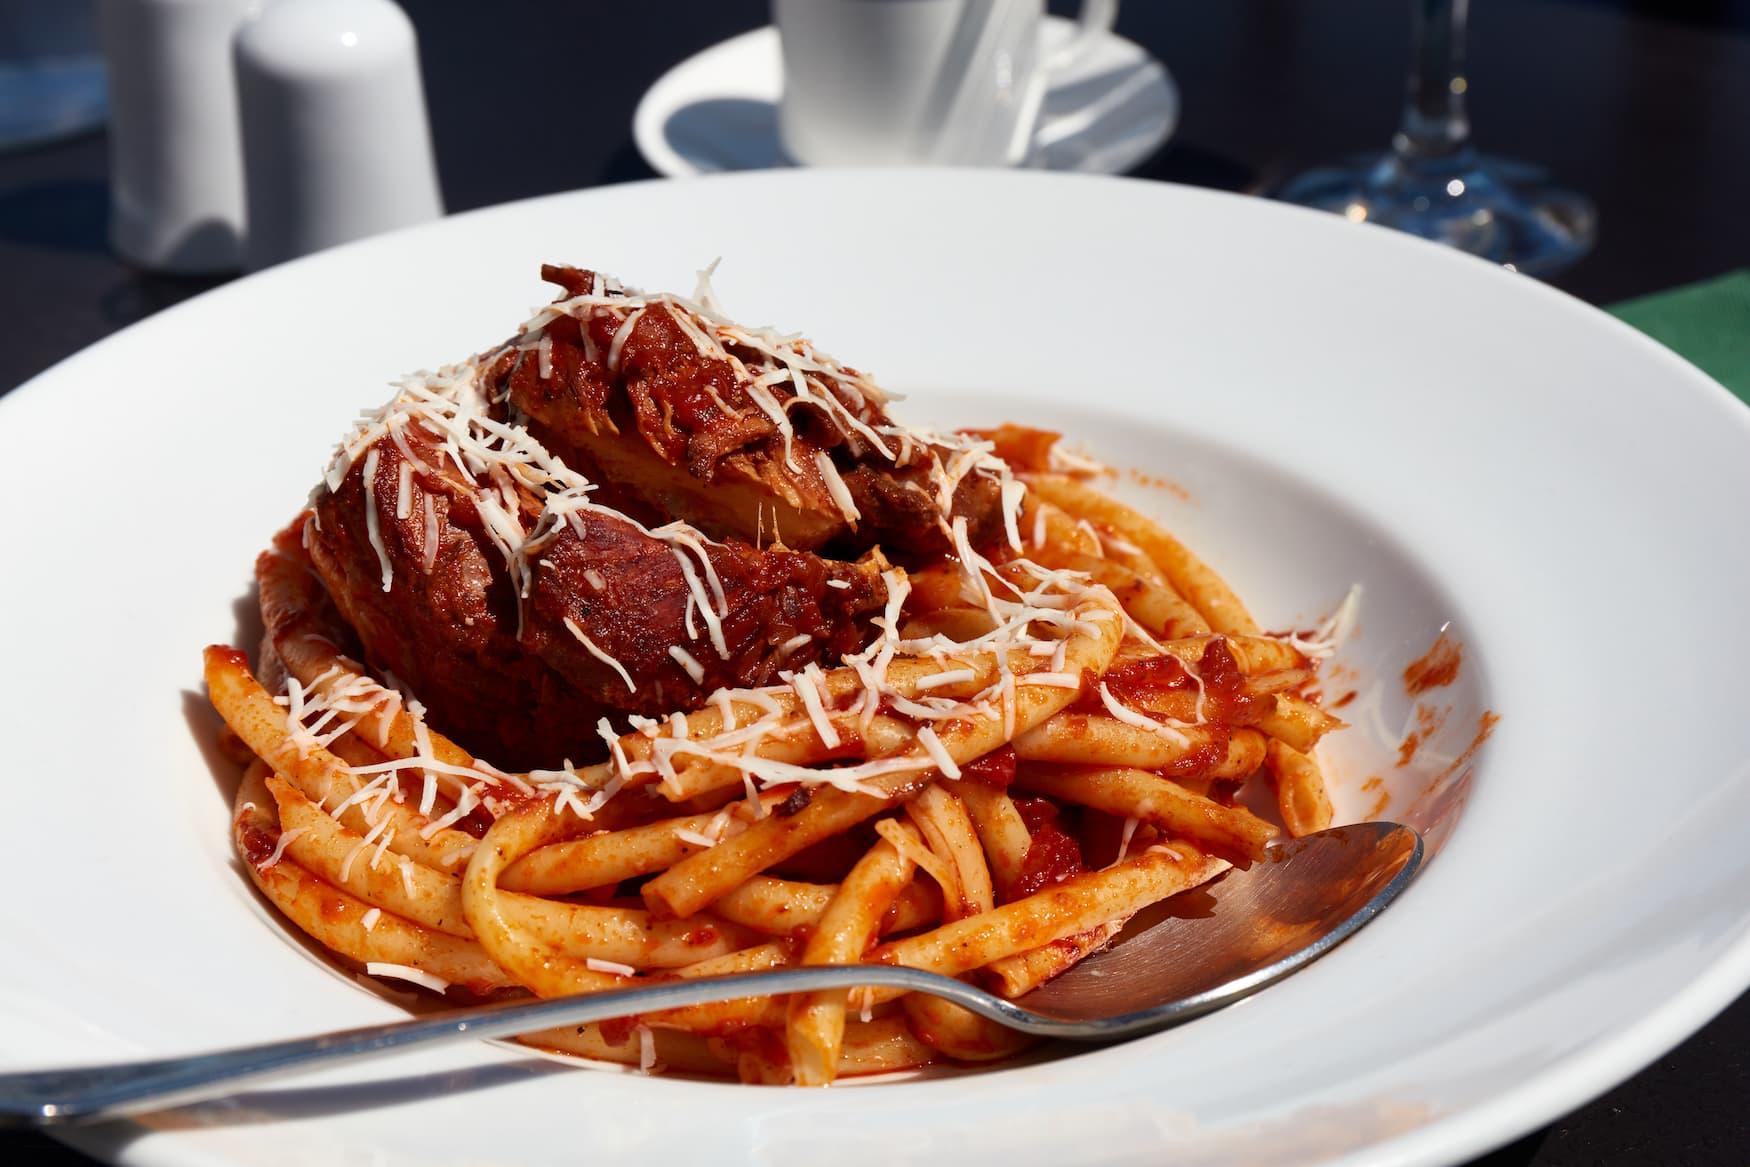 Frisch im Restaurant serviert Pastitsada vom Rind mit Bucatini-Nudeln. Das berühmteste und charakteristische Gericht von der Insel Korfu in Griechenland.